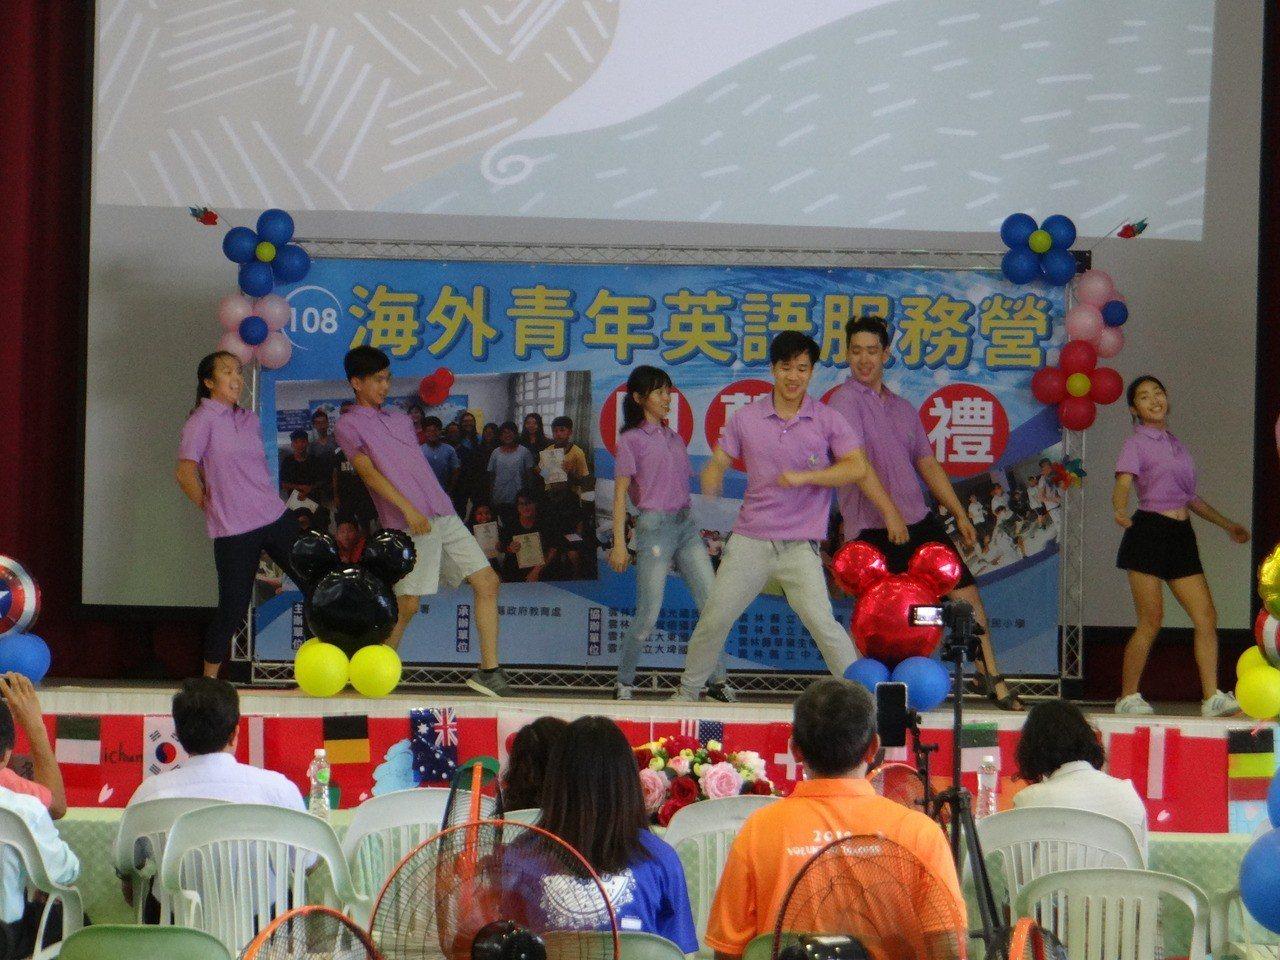 熱情華裔ABC的熱歌勁舞 風靡了台灣的鄉下孩子